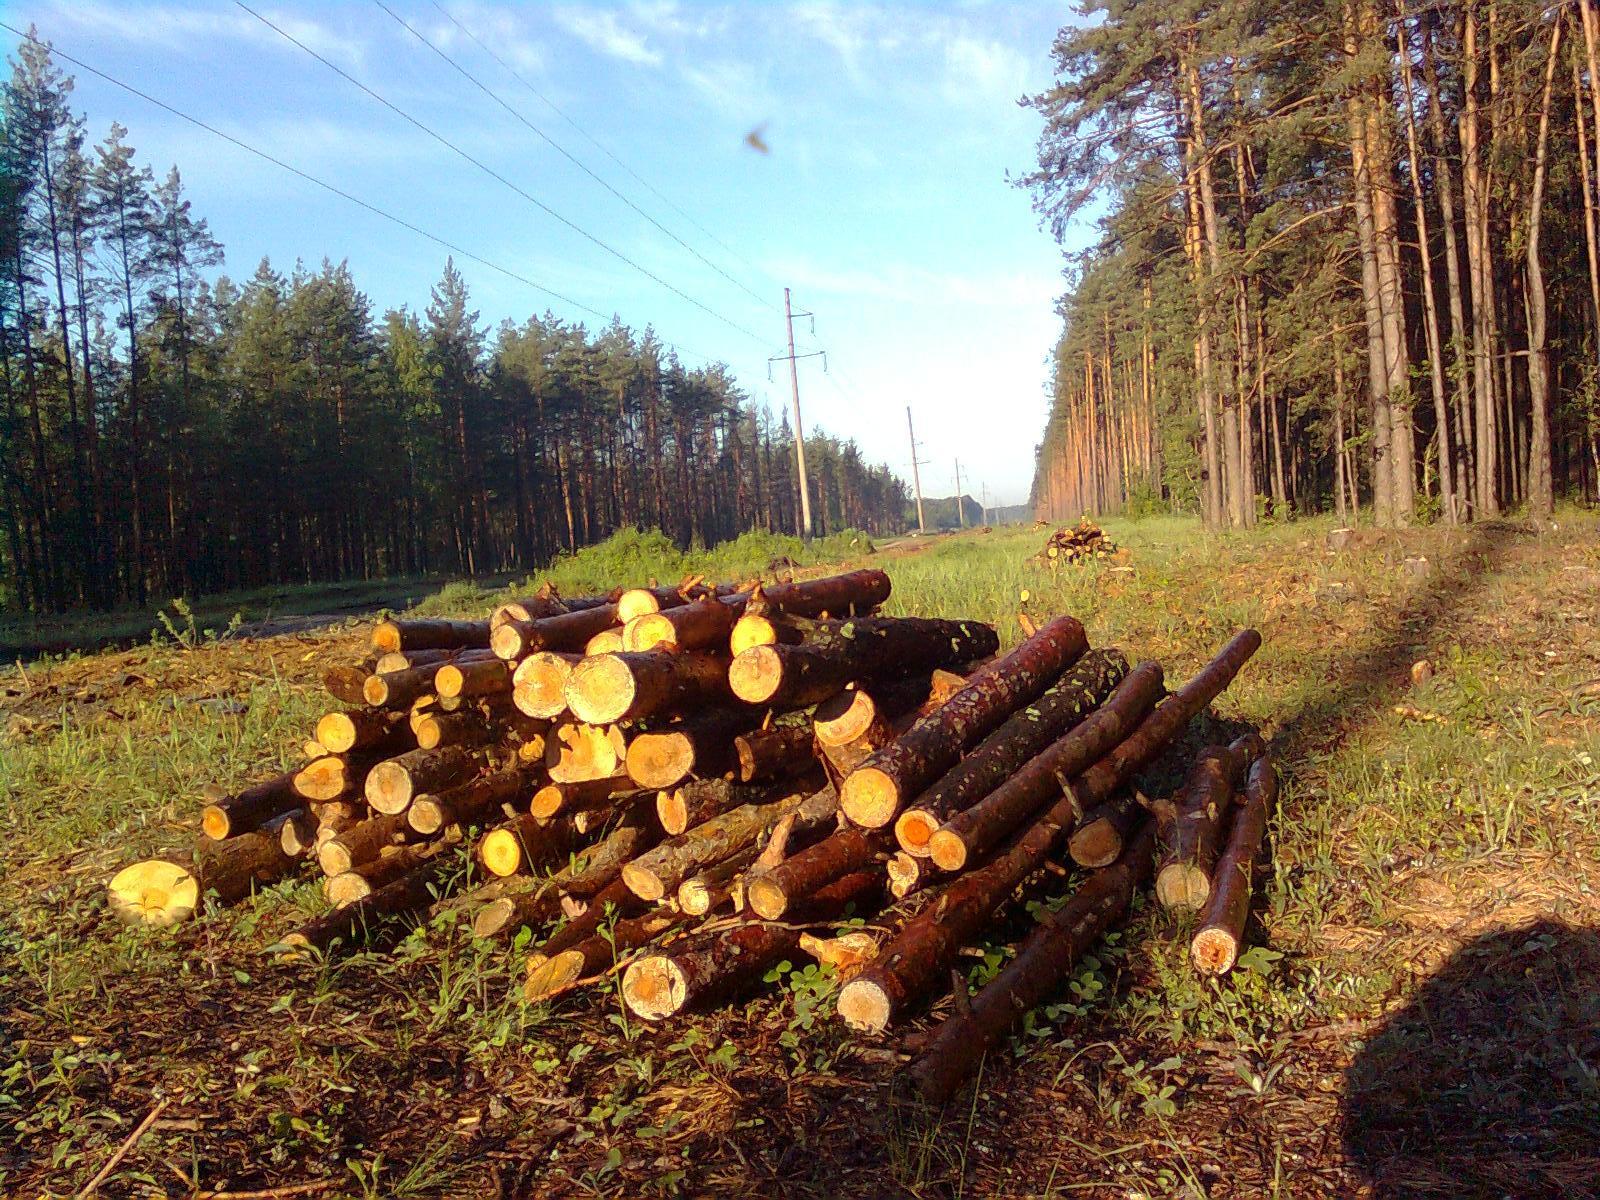 Снимки казахстанских спутников зафиксировали незаконную рубку леса в Павлодарской области